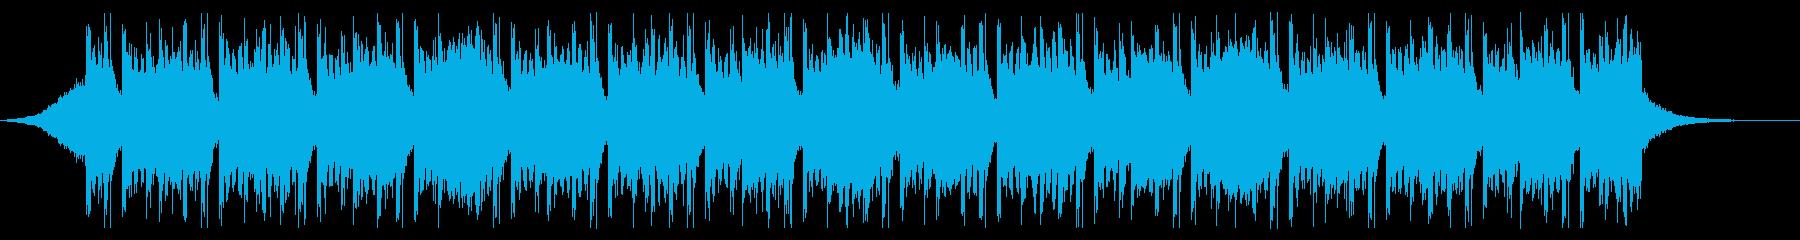 爽やかなFuture Bassの再生済みの波形